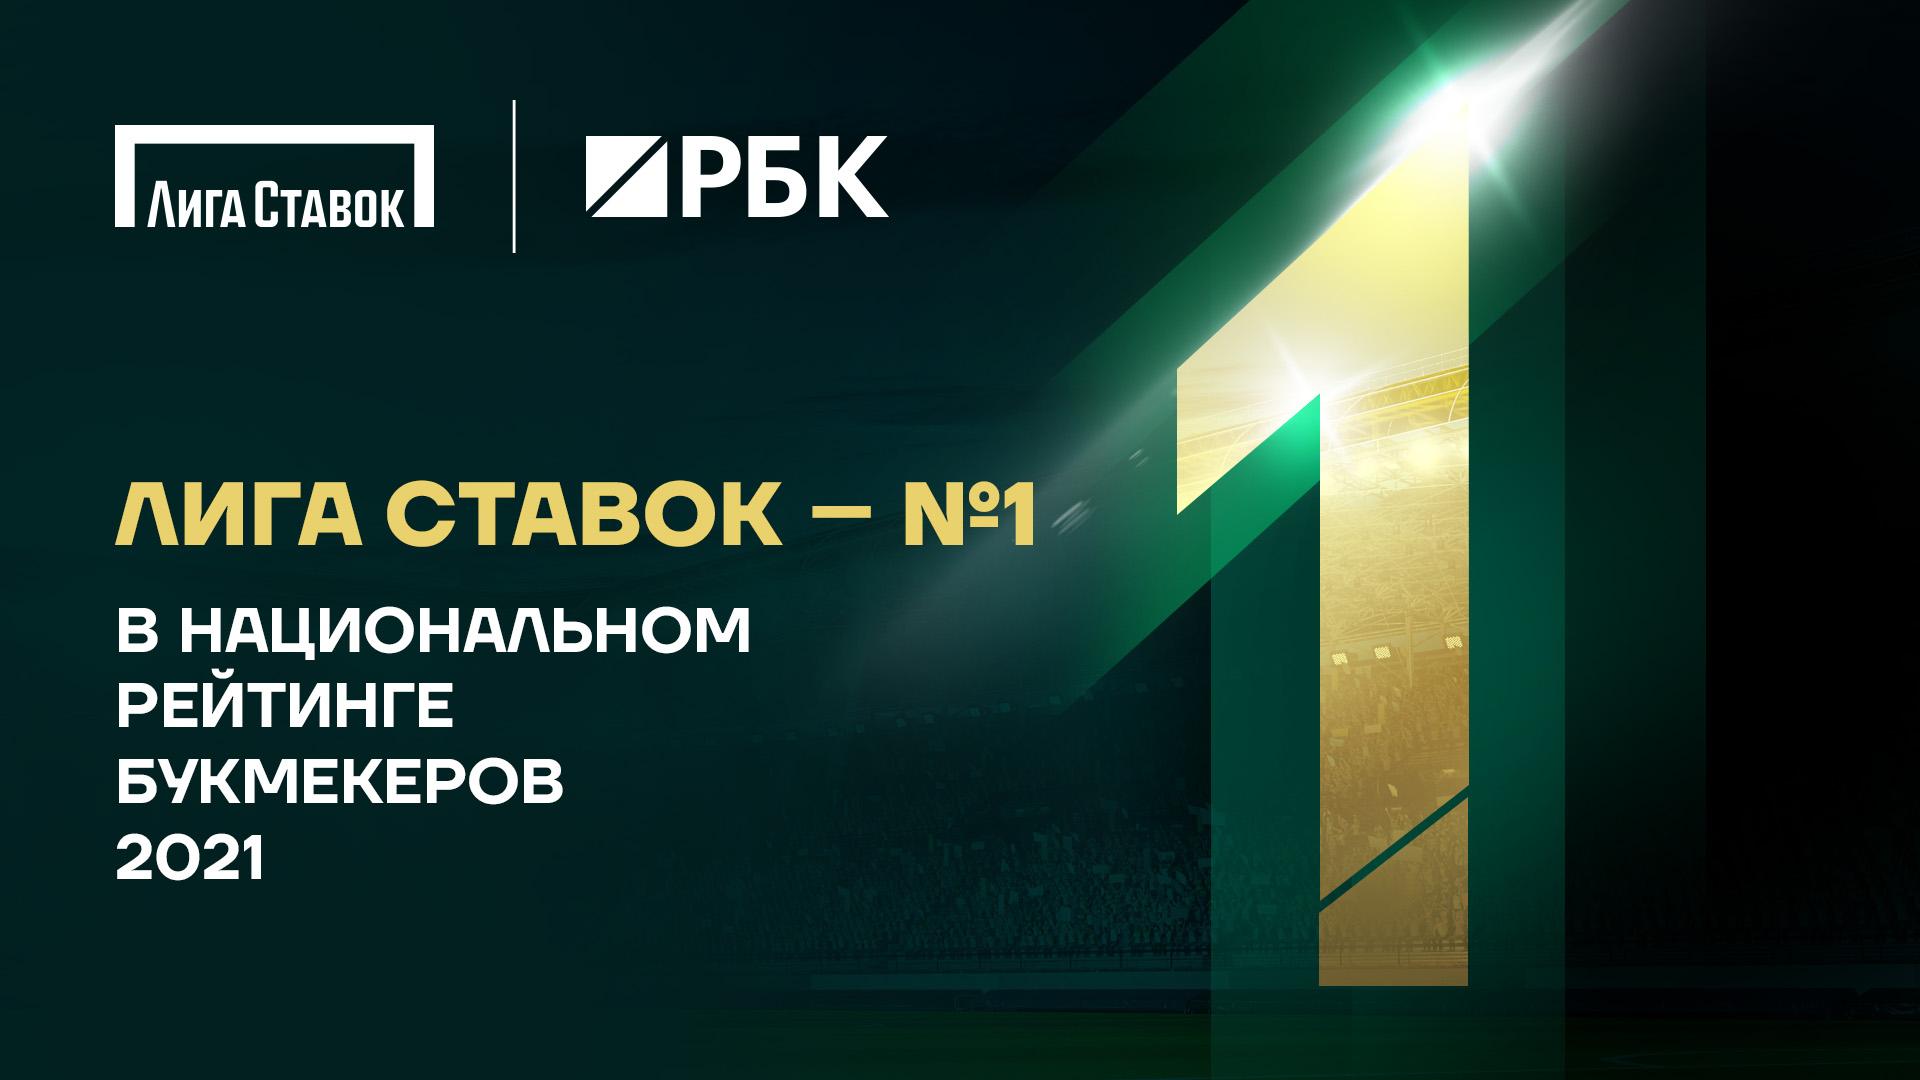 «Лига Ставок» возглавила Национальный рейтинг букмекеров - фото